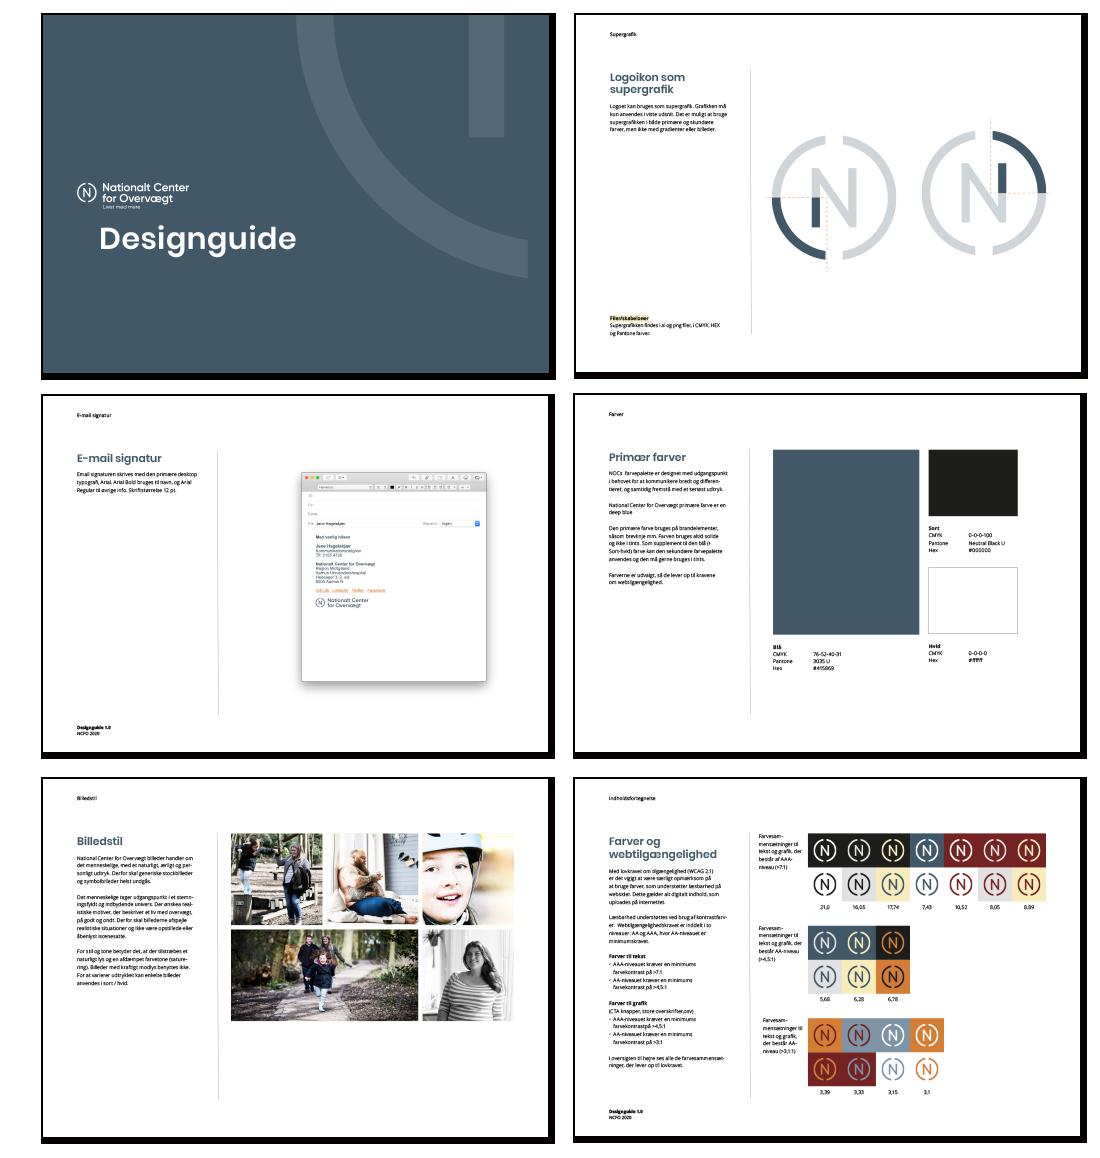 NCFO_designguide_janusmikkel_06